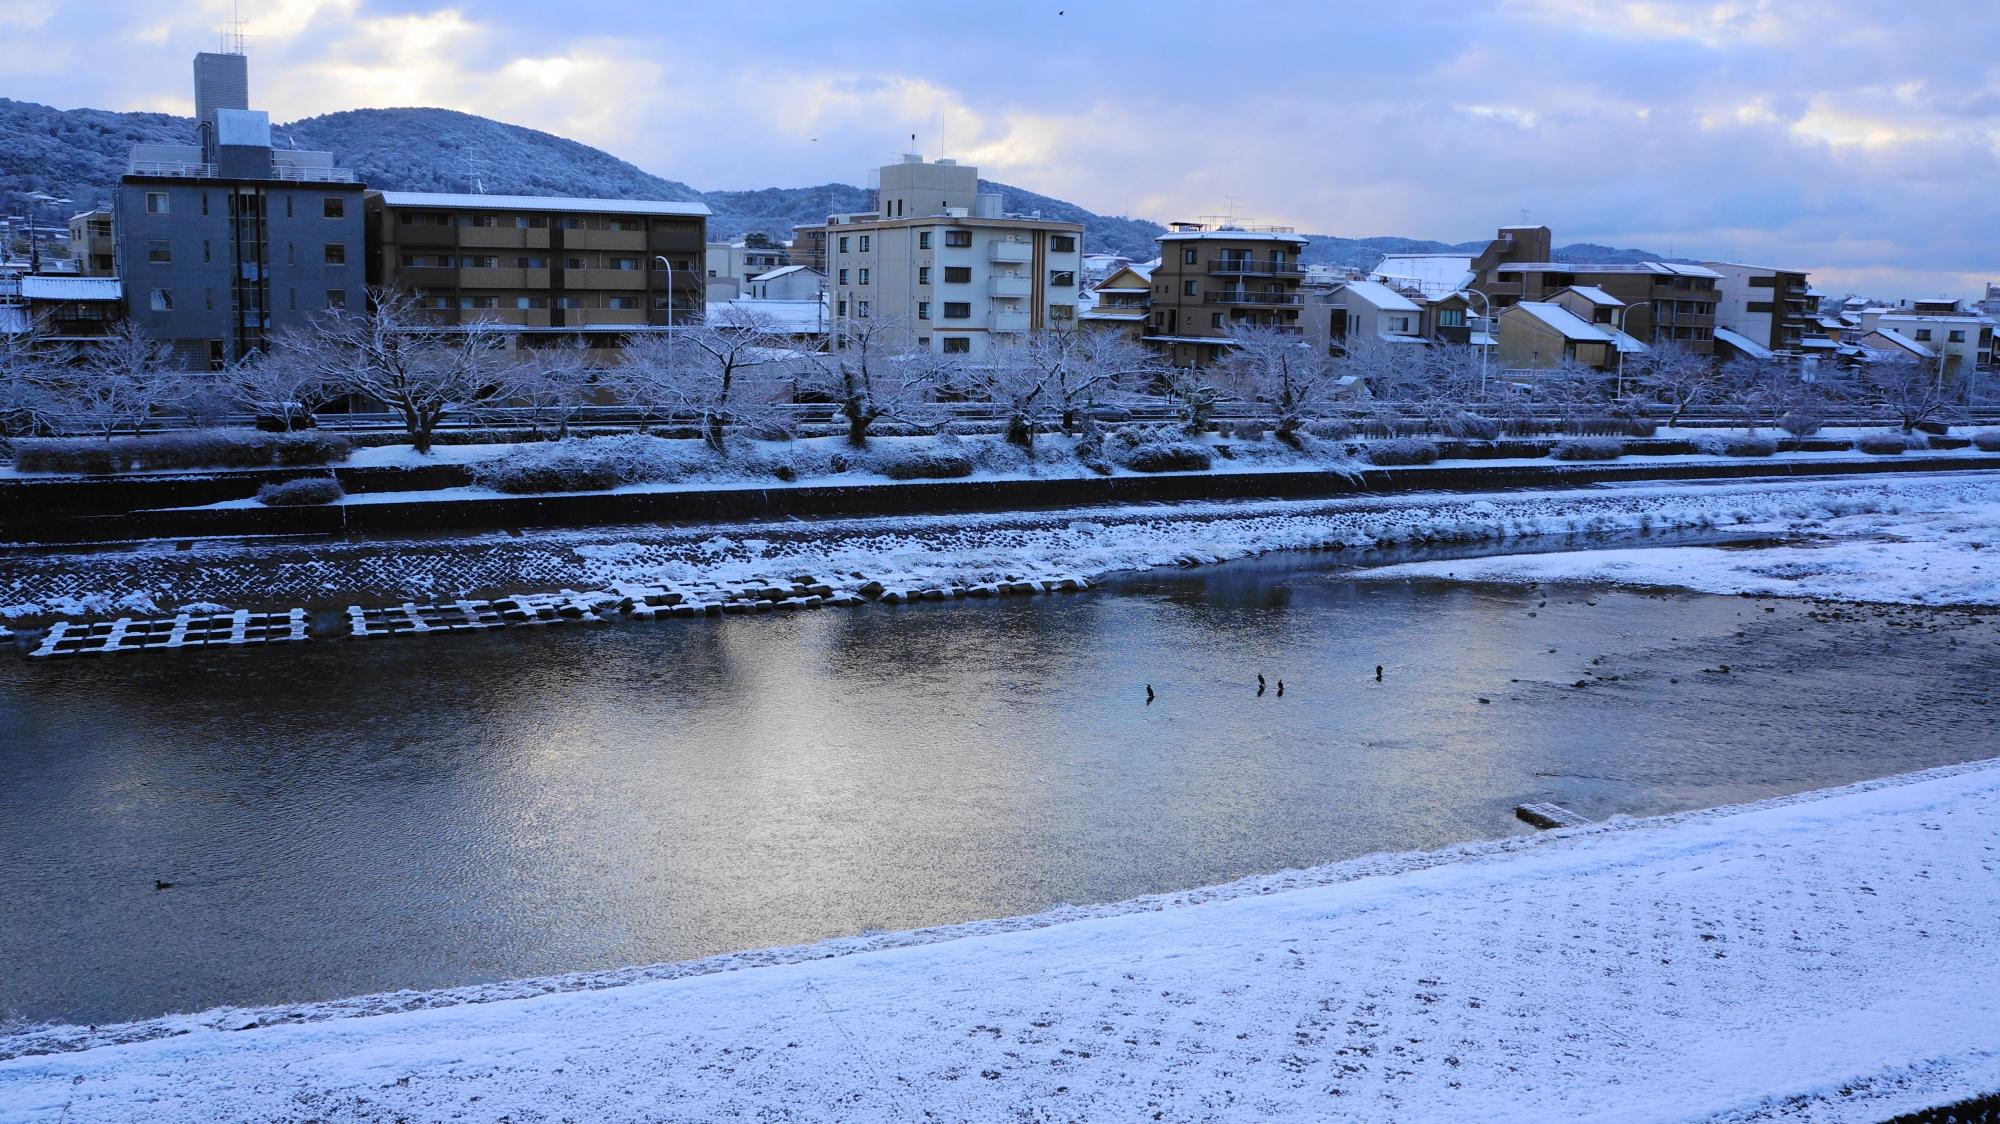 川原も白く雪化粧した鴨川